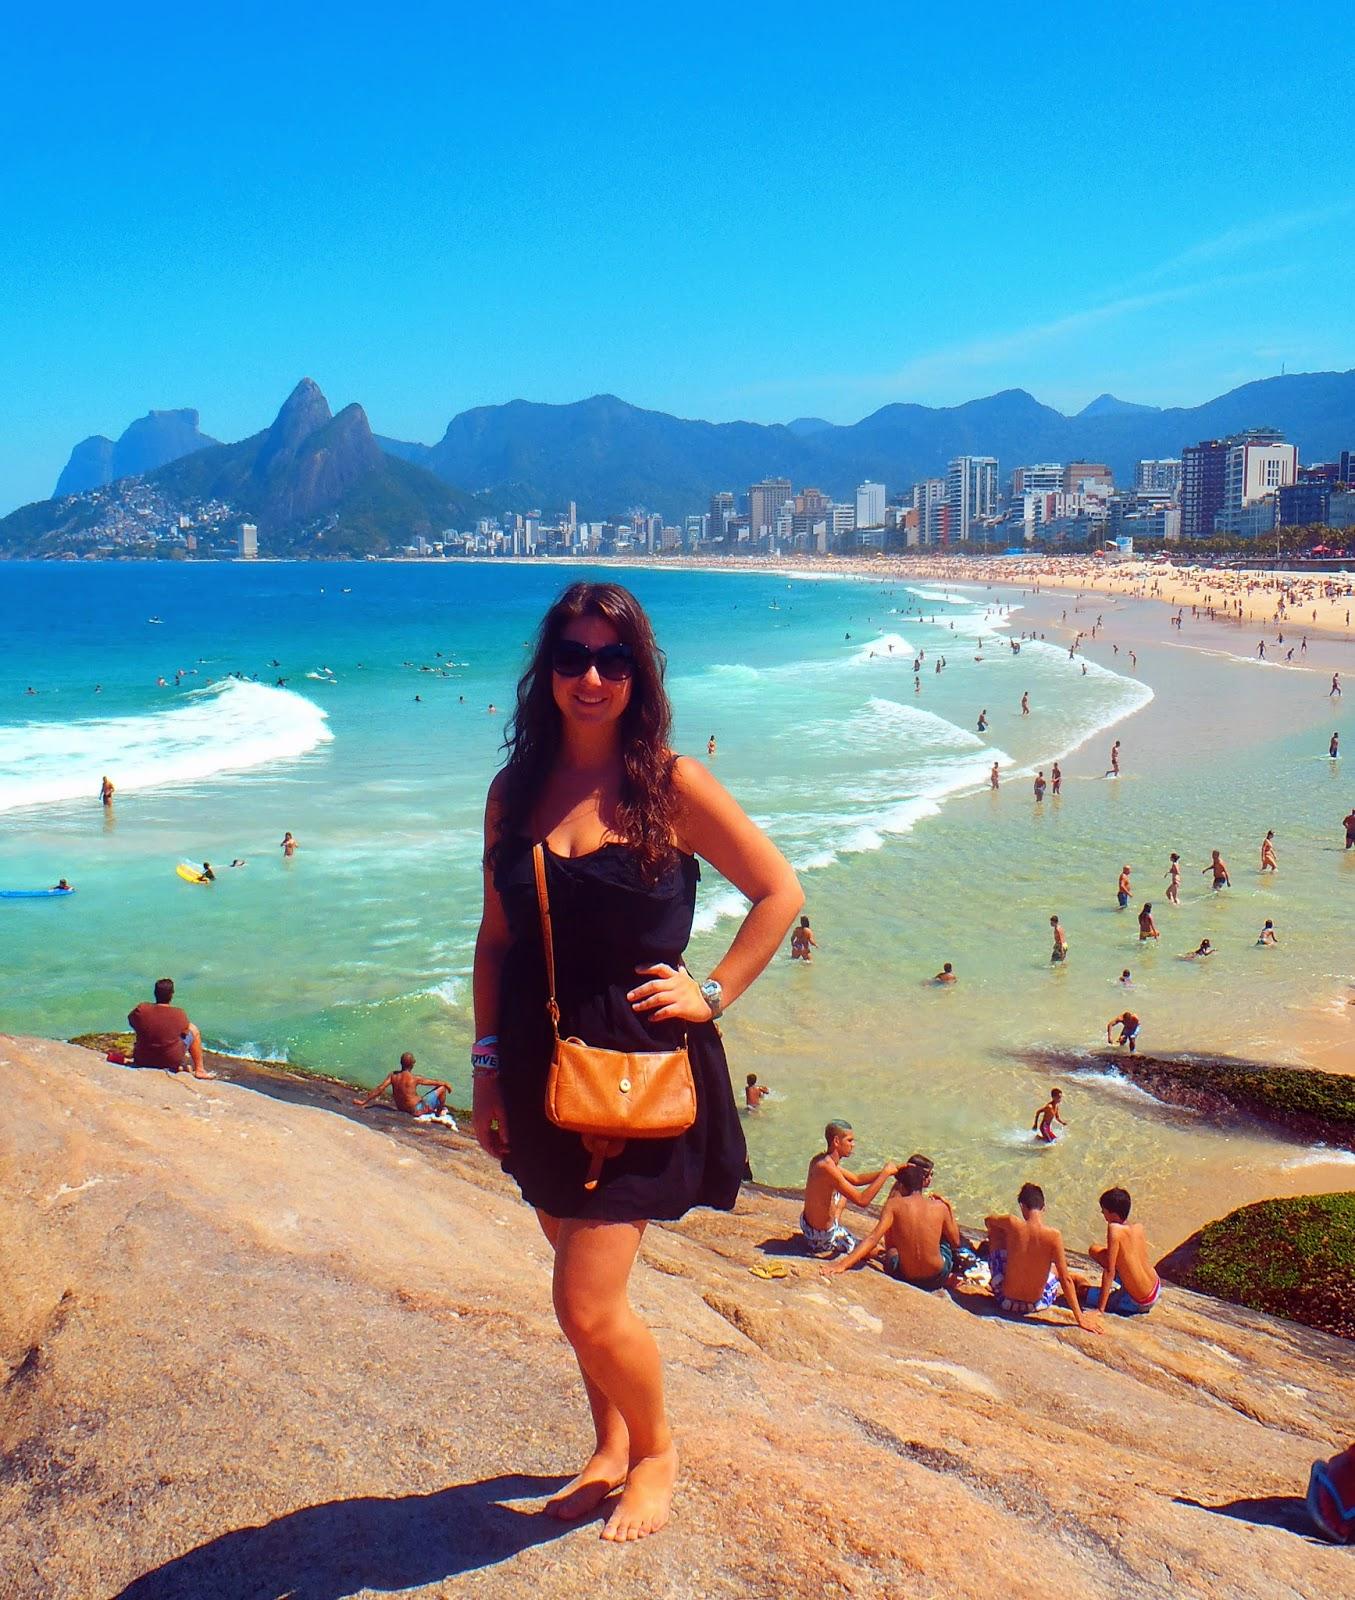 Girl at Ipanema Beach Rio de Janeiro